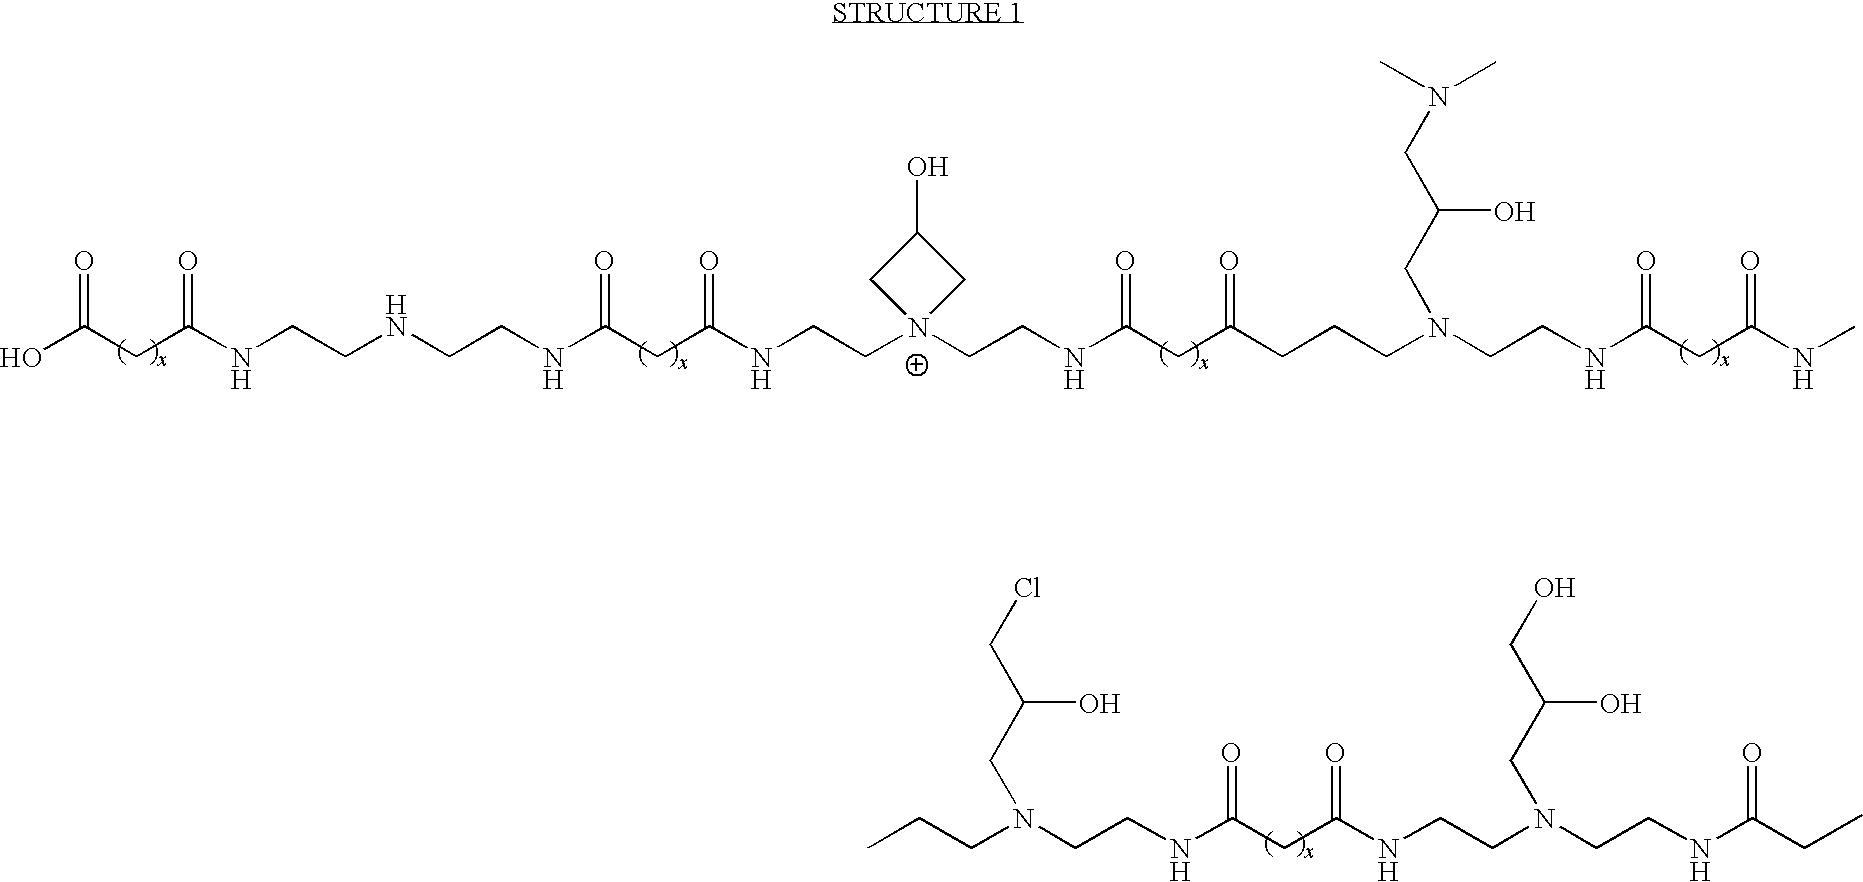 Figure US07585388-20090908-C00003